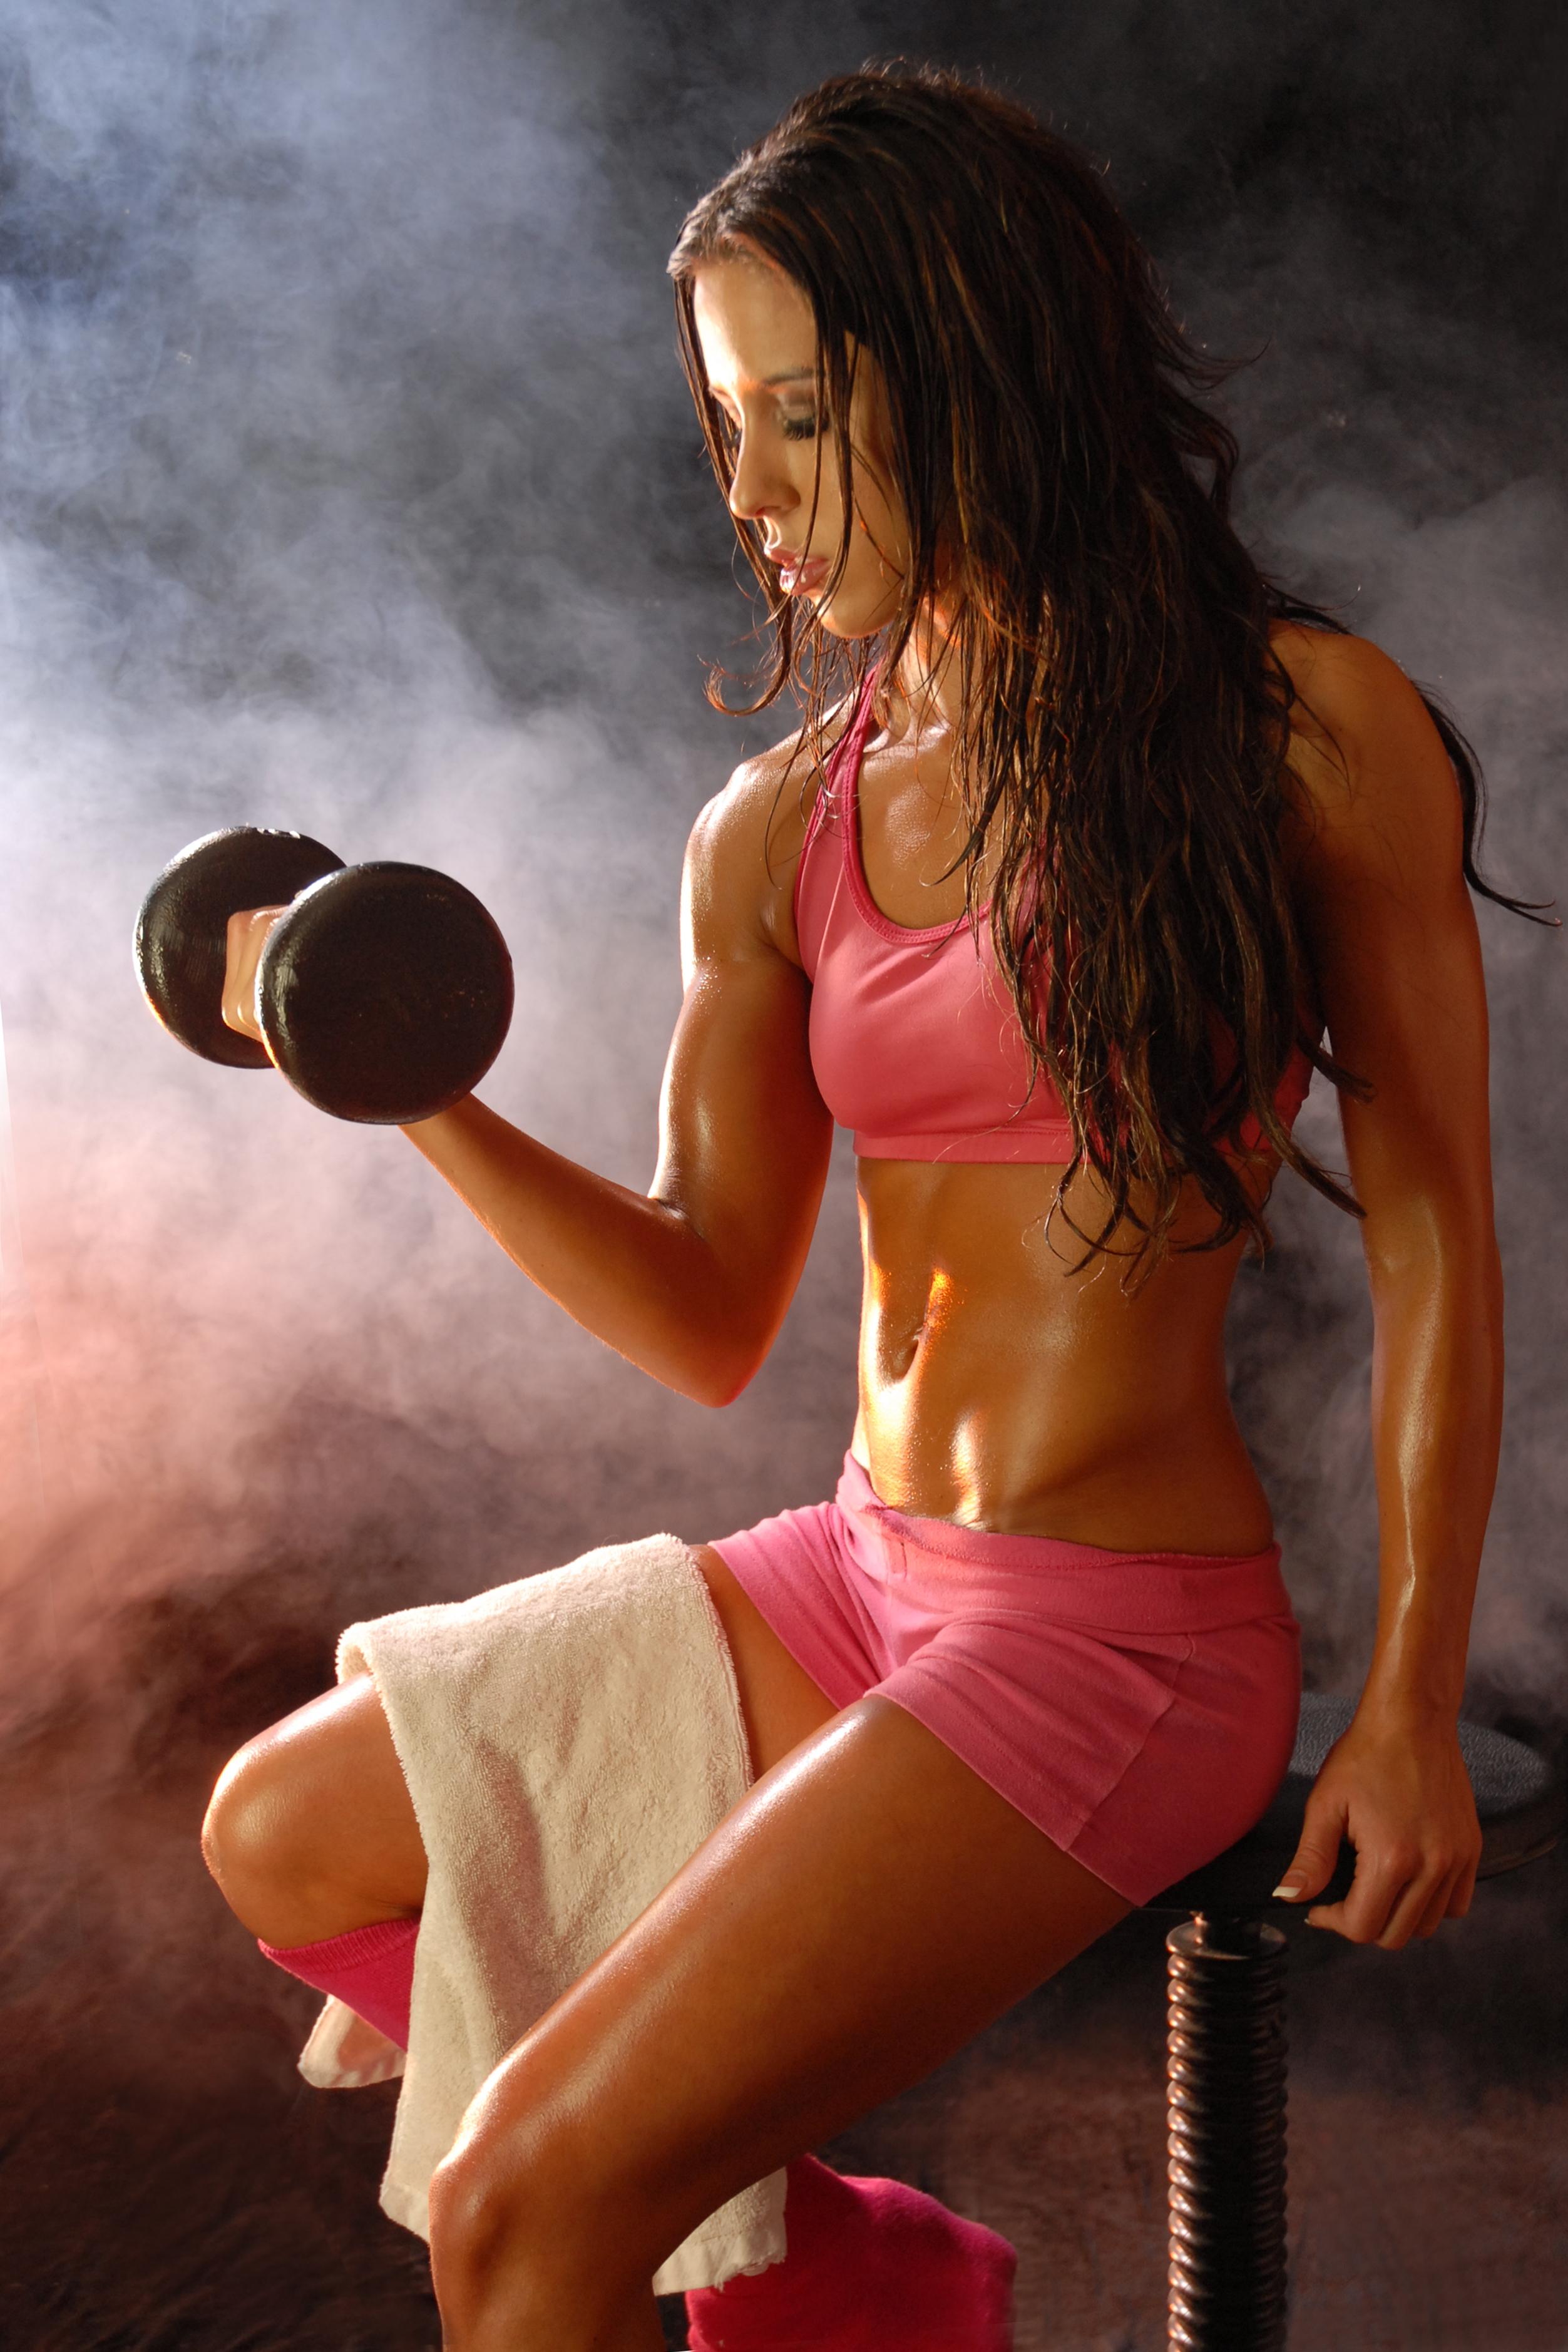 hot fitness modeling